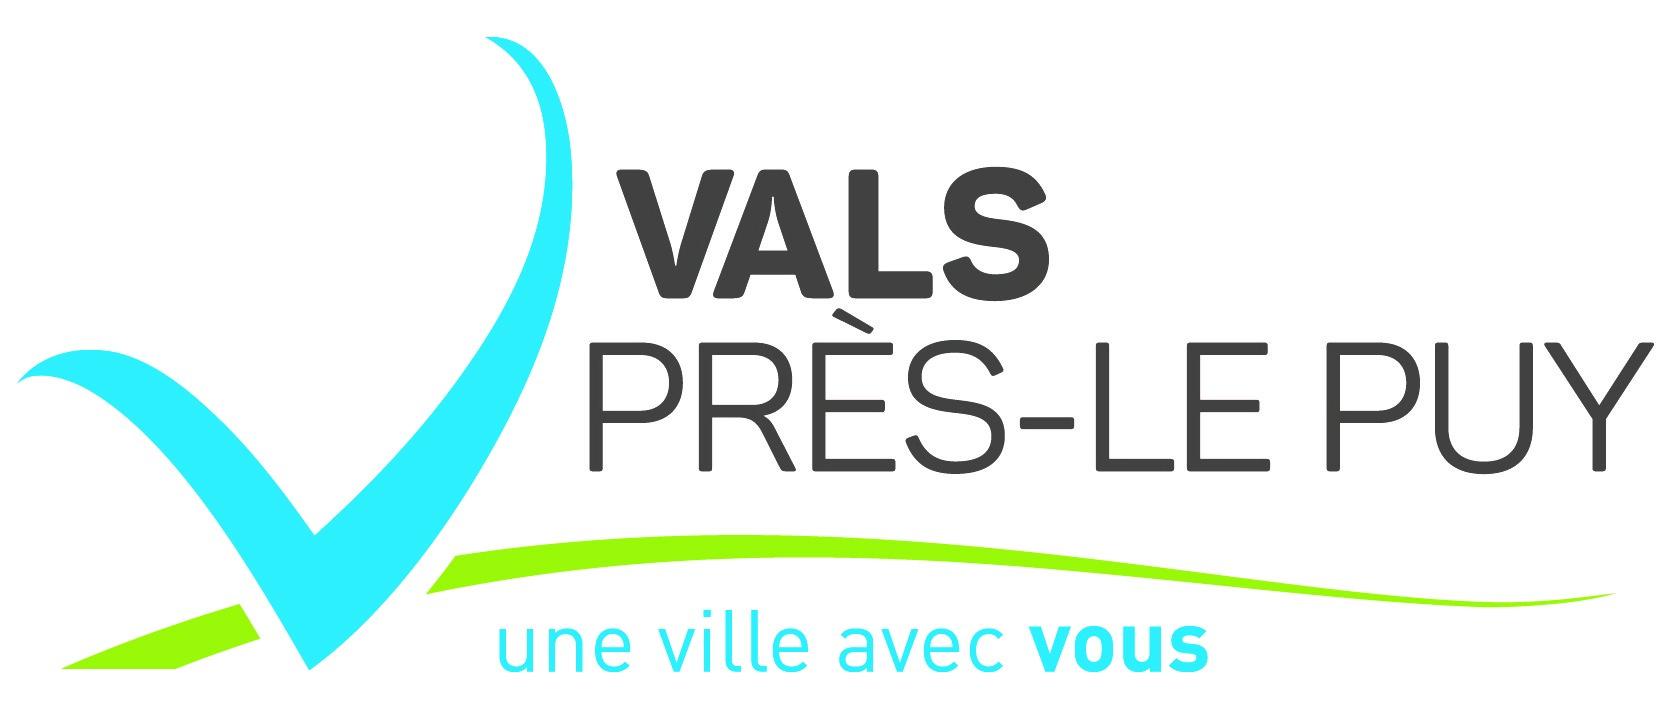 Maire de Vals-près-le-puy